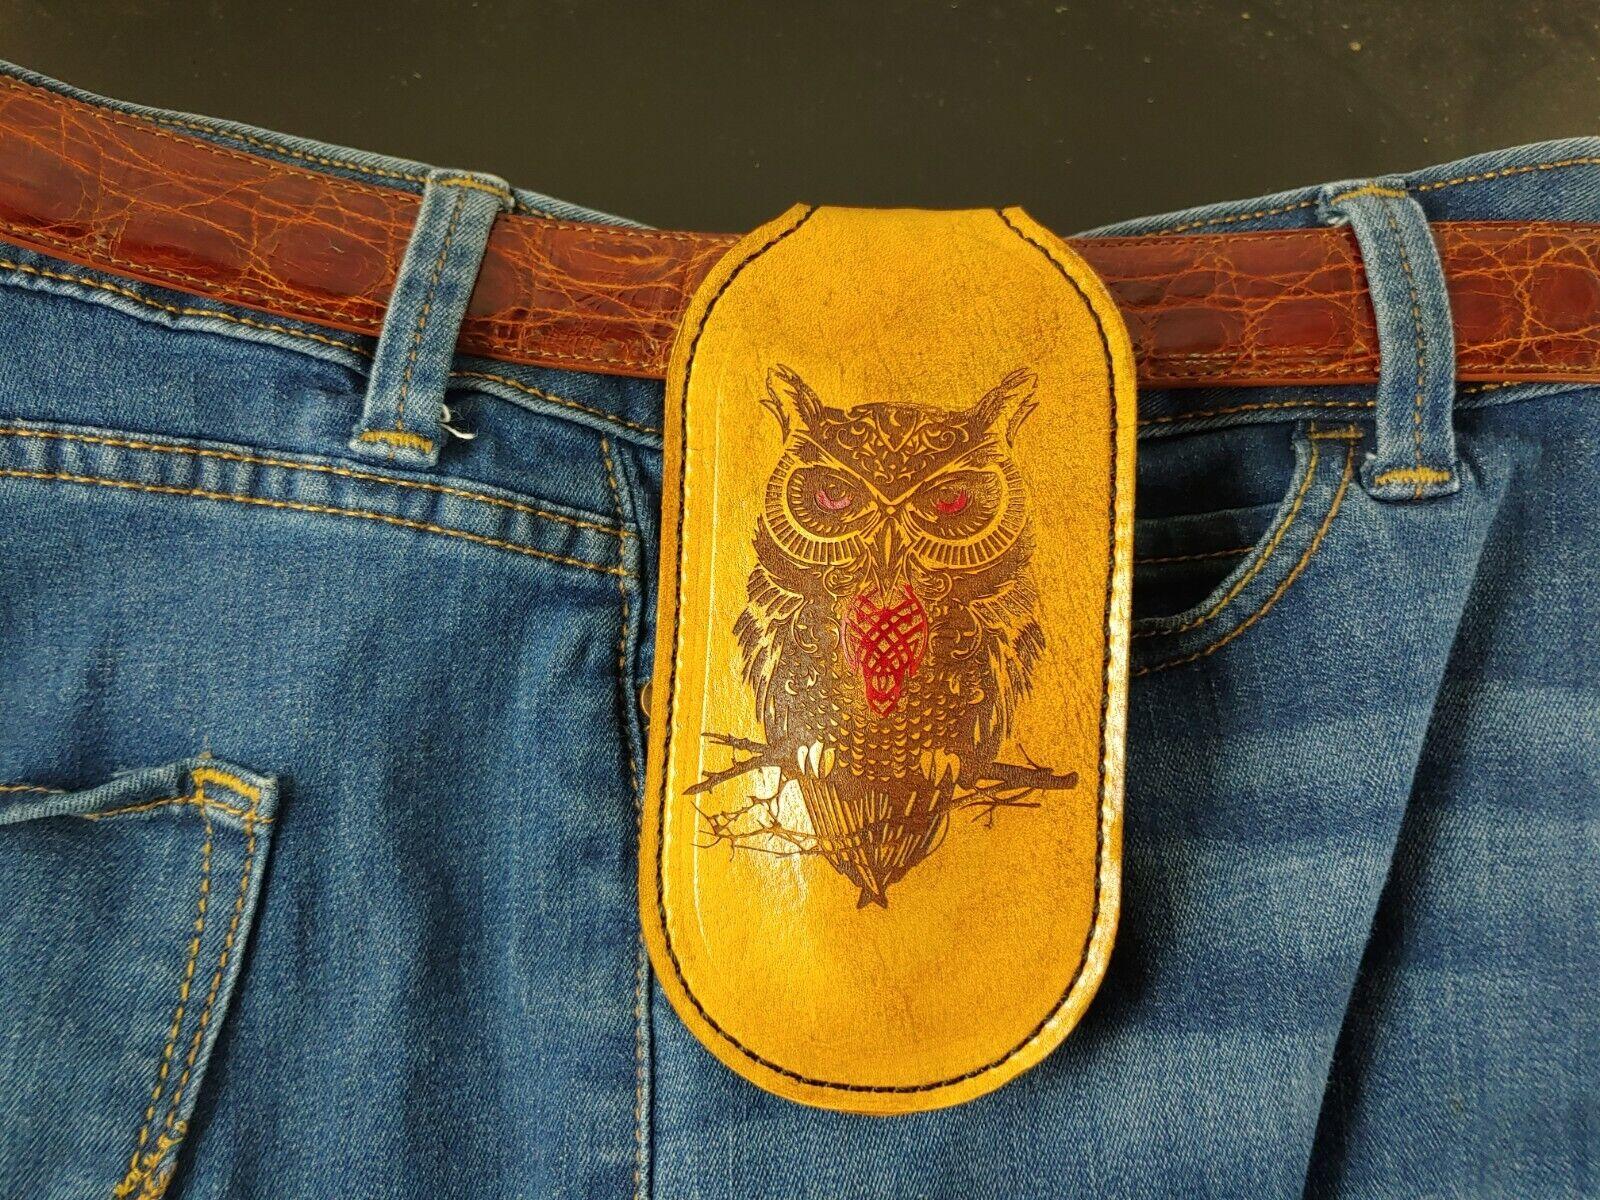 OWL BROWN COIN purse SLAP JACK Tactical leather EDC WALLET sap MOLLE BELT POUCH